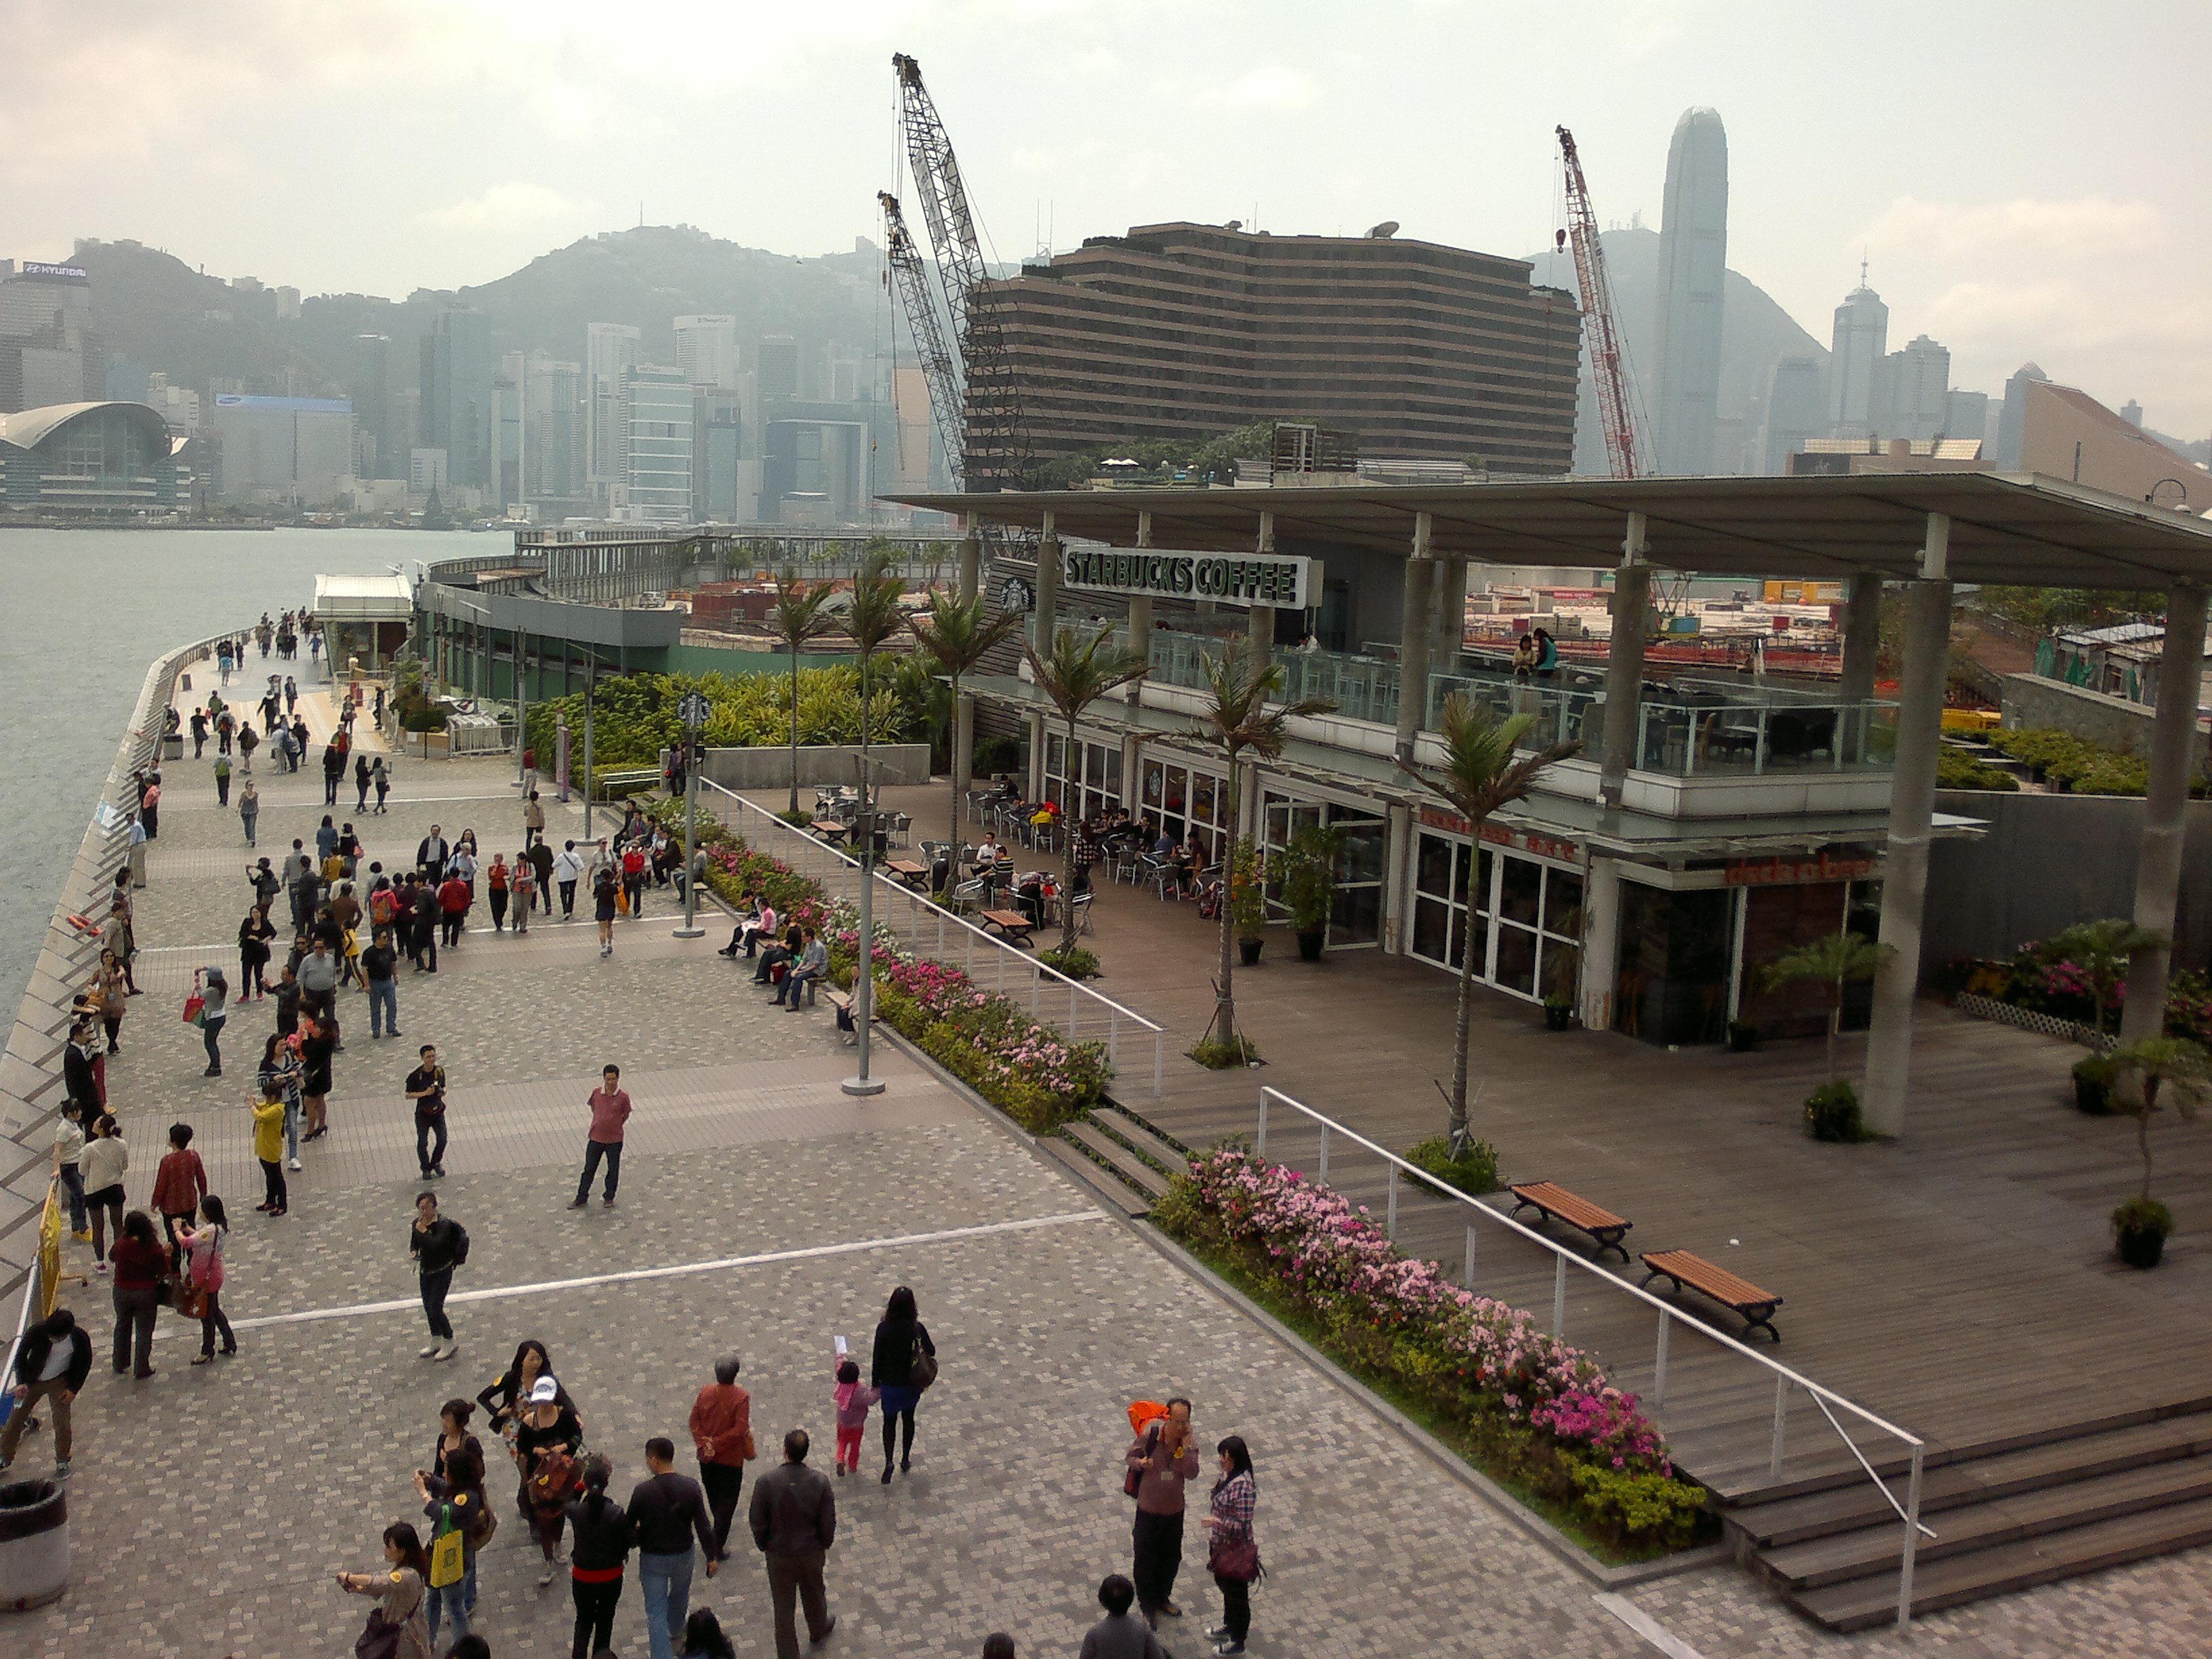 Anda dapat menelusuri Tsim Sha Tsui Promenade pada siang atau malam hari.